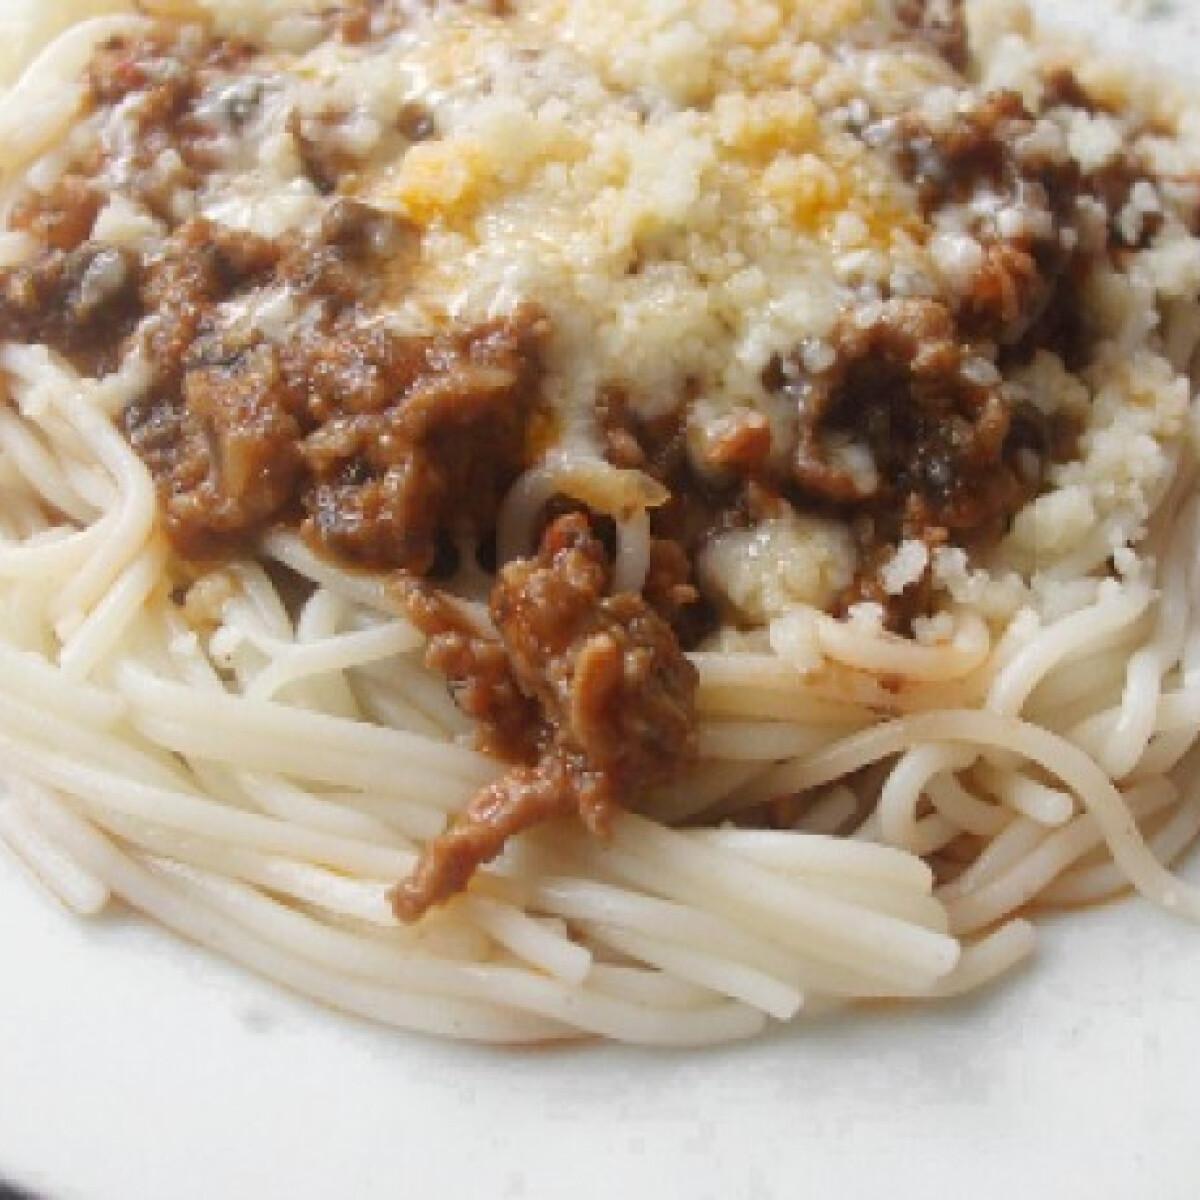 Ezen a képen: Bolognai makaróni Vandre konyhájából